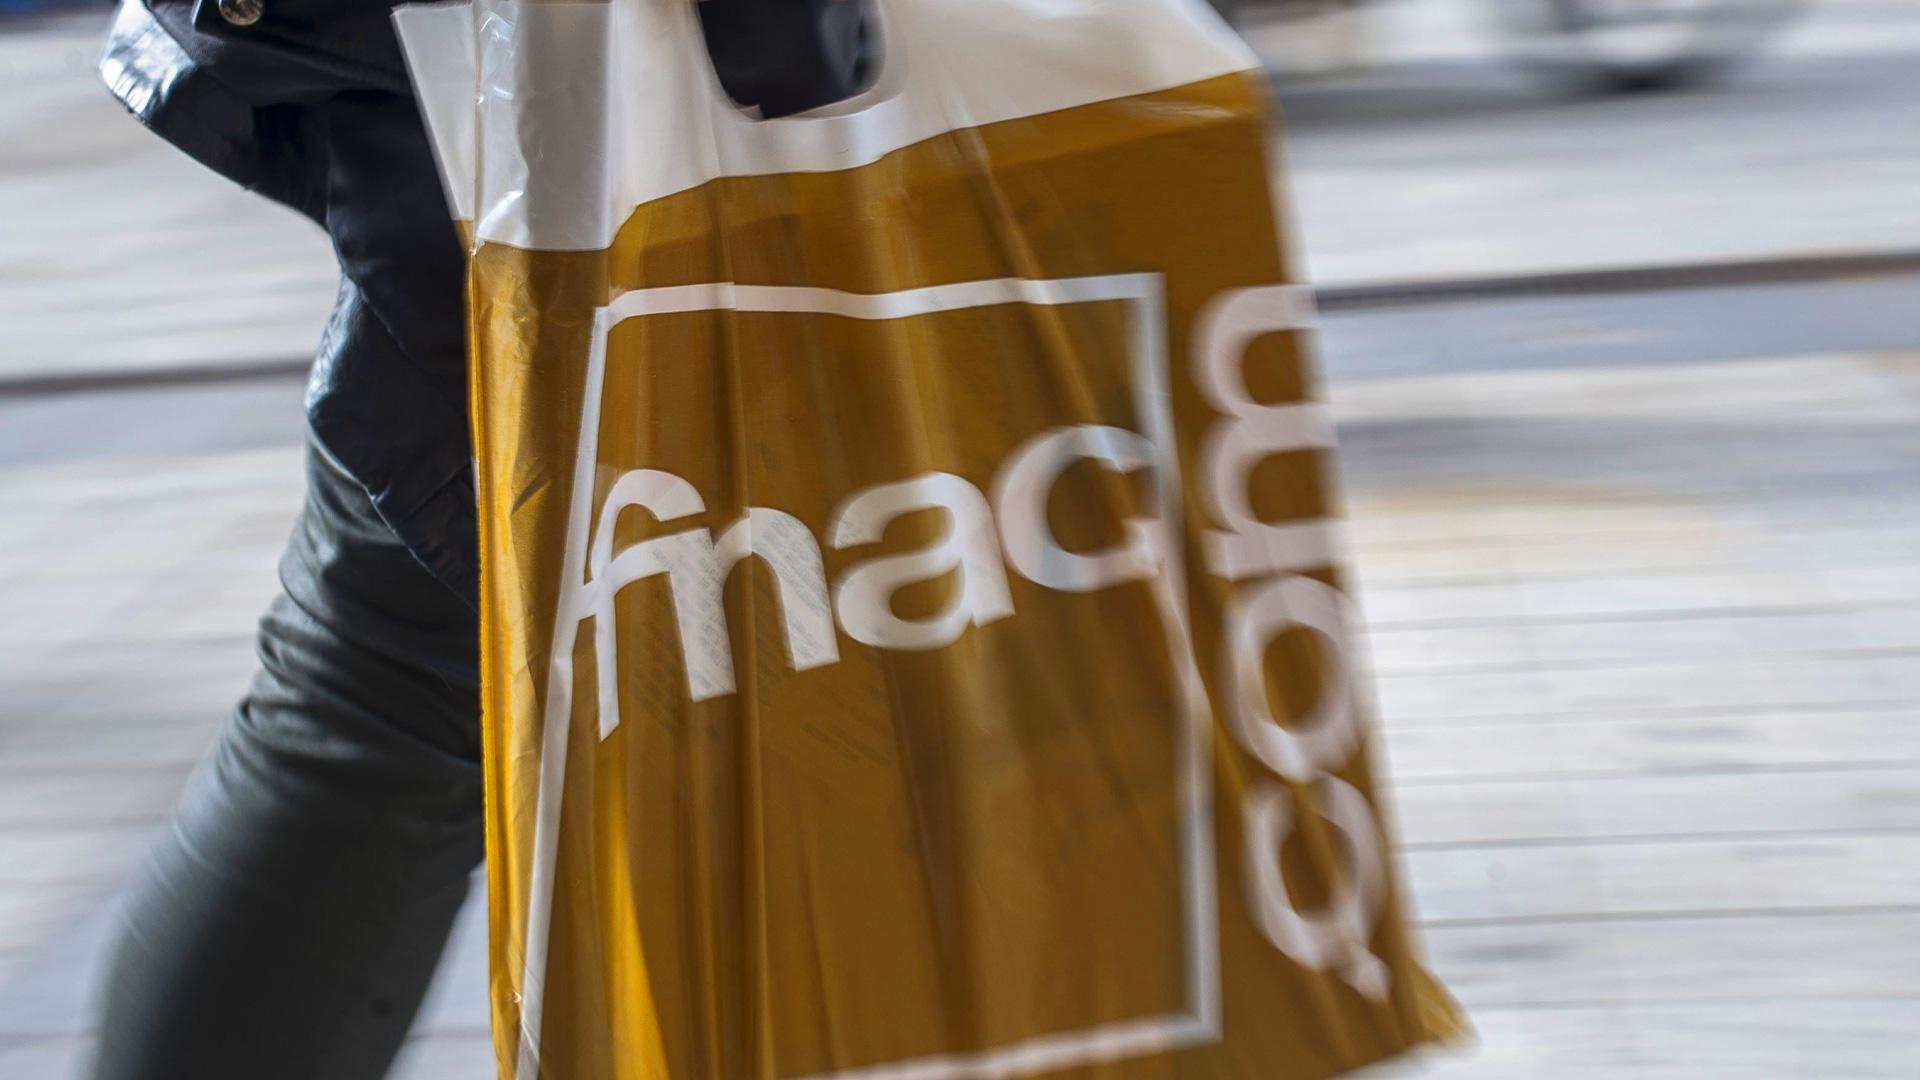 Objets connectés : Fnac et Amazon assignés en justice pour manque d'informations